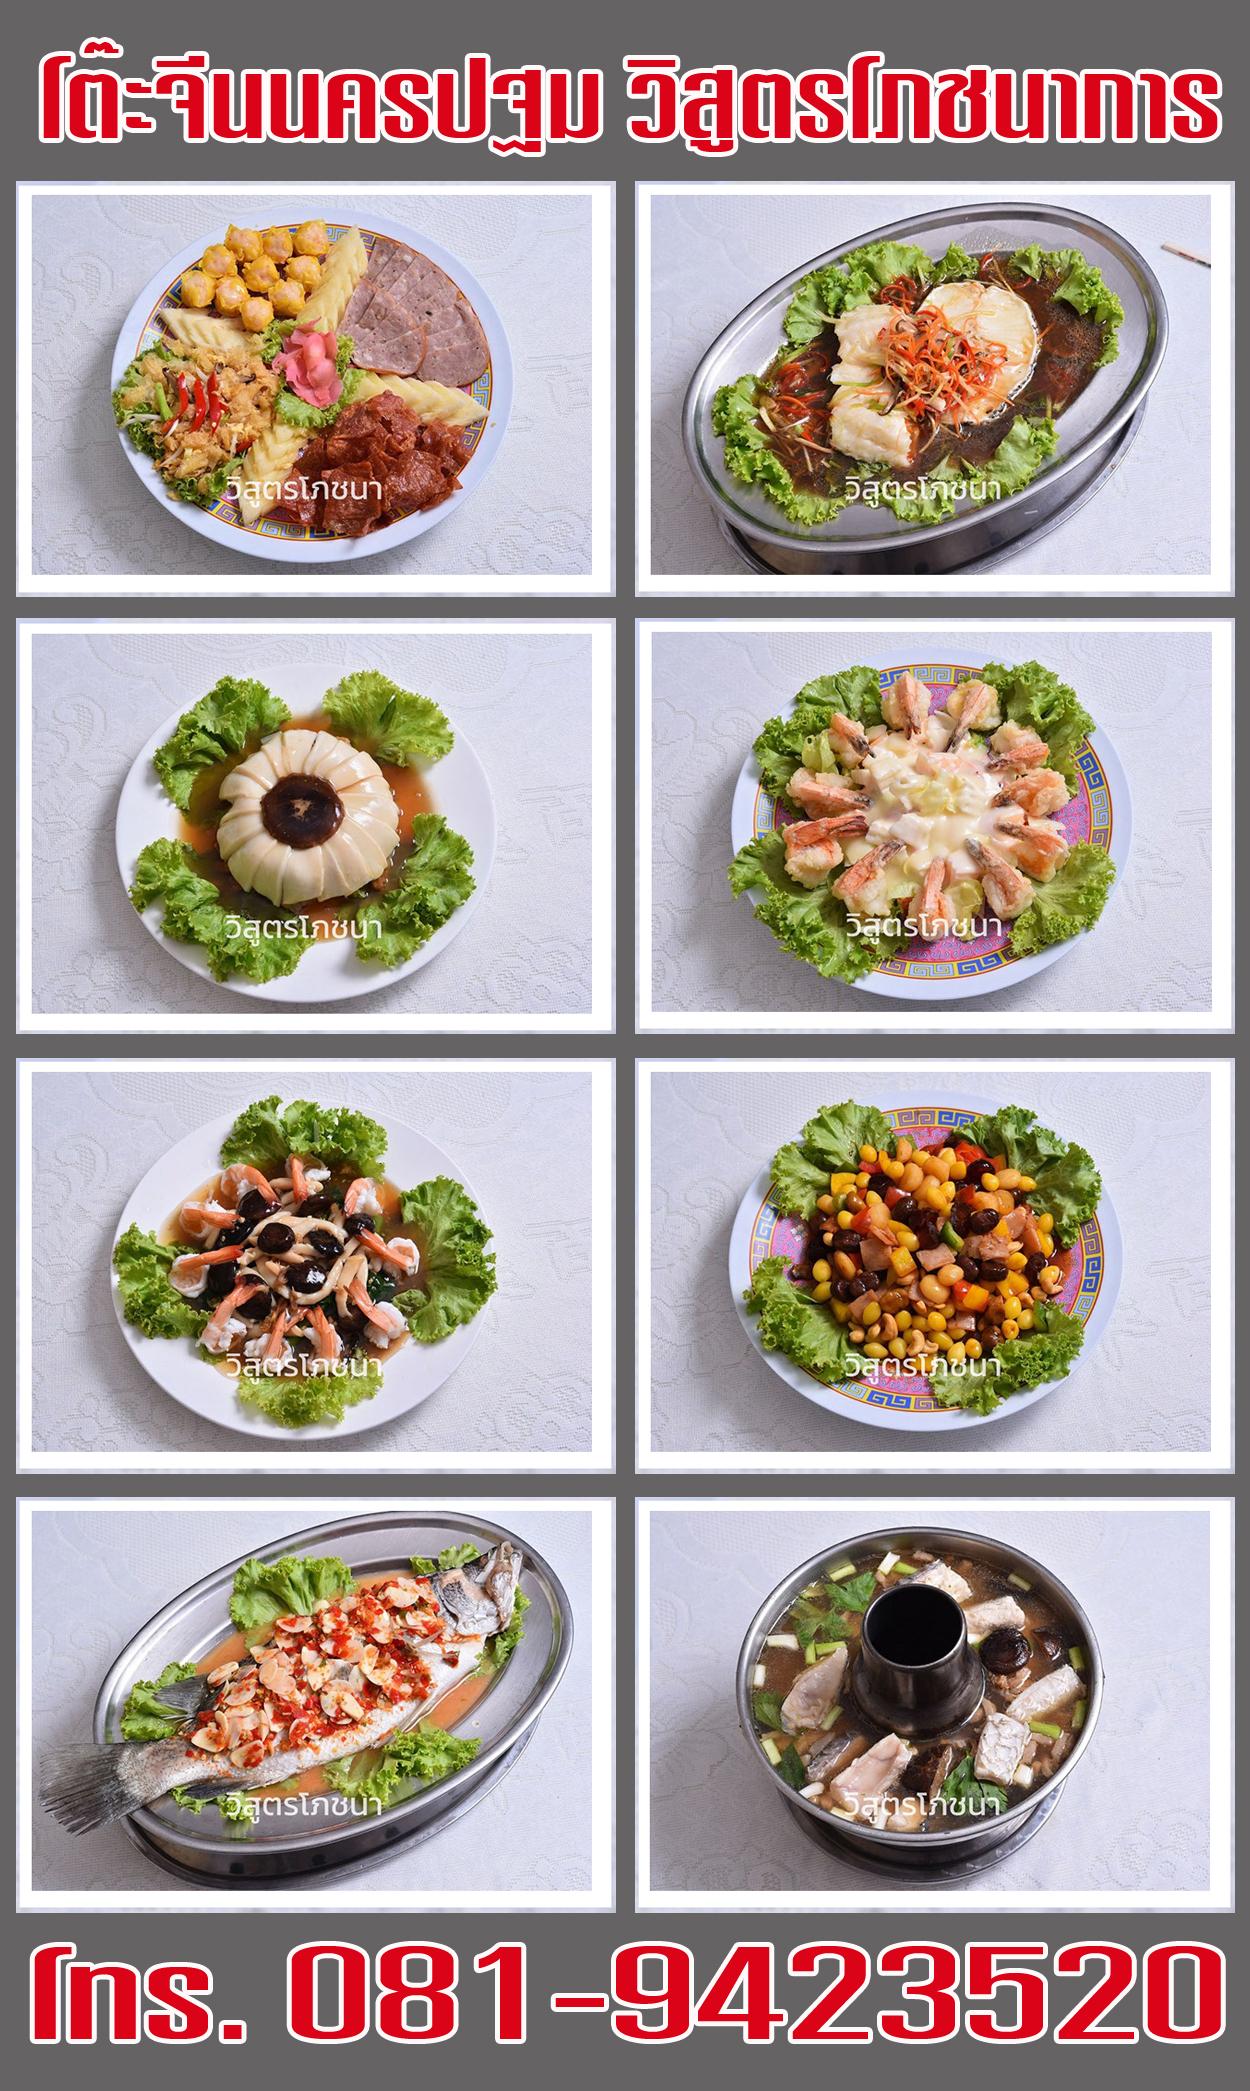 วิสูตรโภชนาการ-โต๊ะจีนนครปฐม